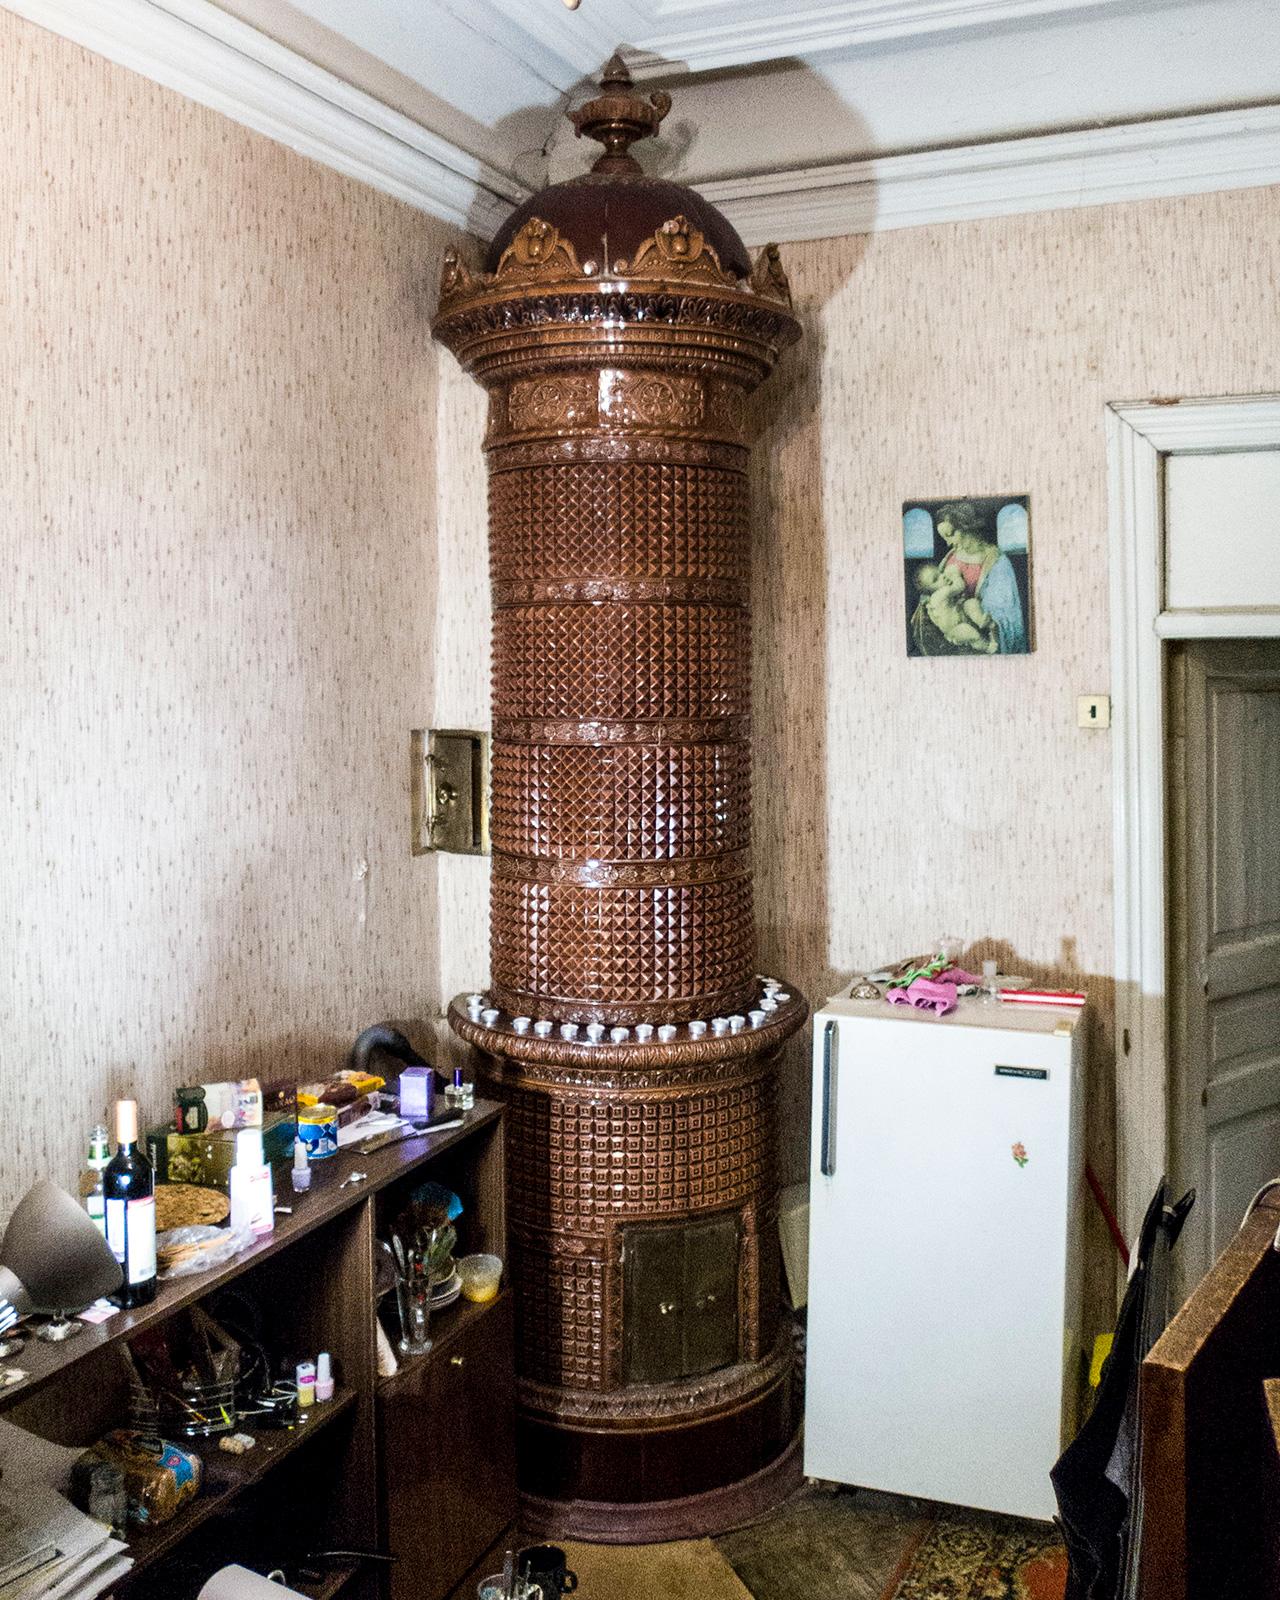 """Интериорът на Санкт Петербург преди революцията се събира и публикува в интернет от общността """"Стари фонд"""". """"Напълно възможно е тези апартаменти да попаднат на хора, които не оценяват какво представляват те, така че със снимките си ние искаме да запазим спомена за миналото"""", обясняват хората от проекта."""